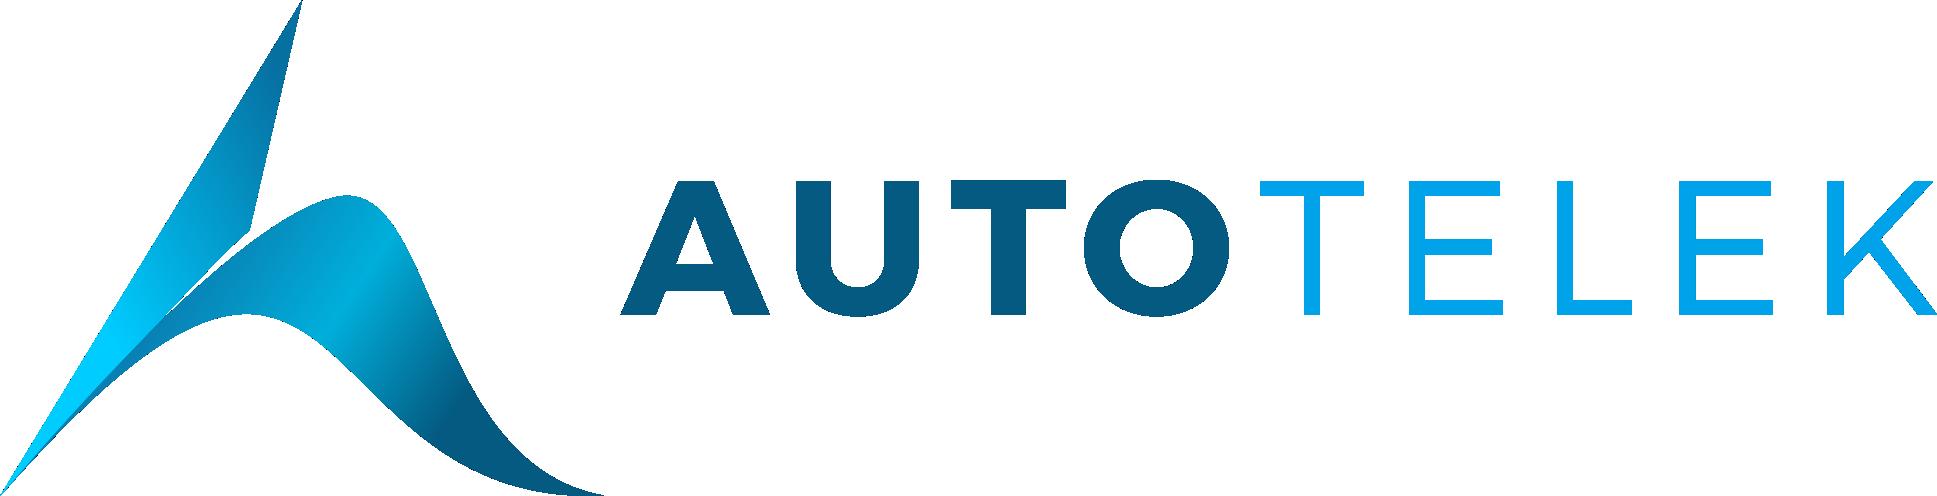 Autotelek Coaching